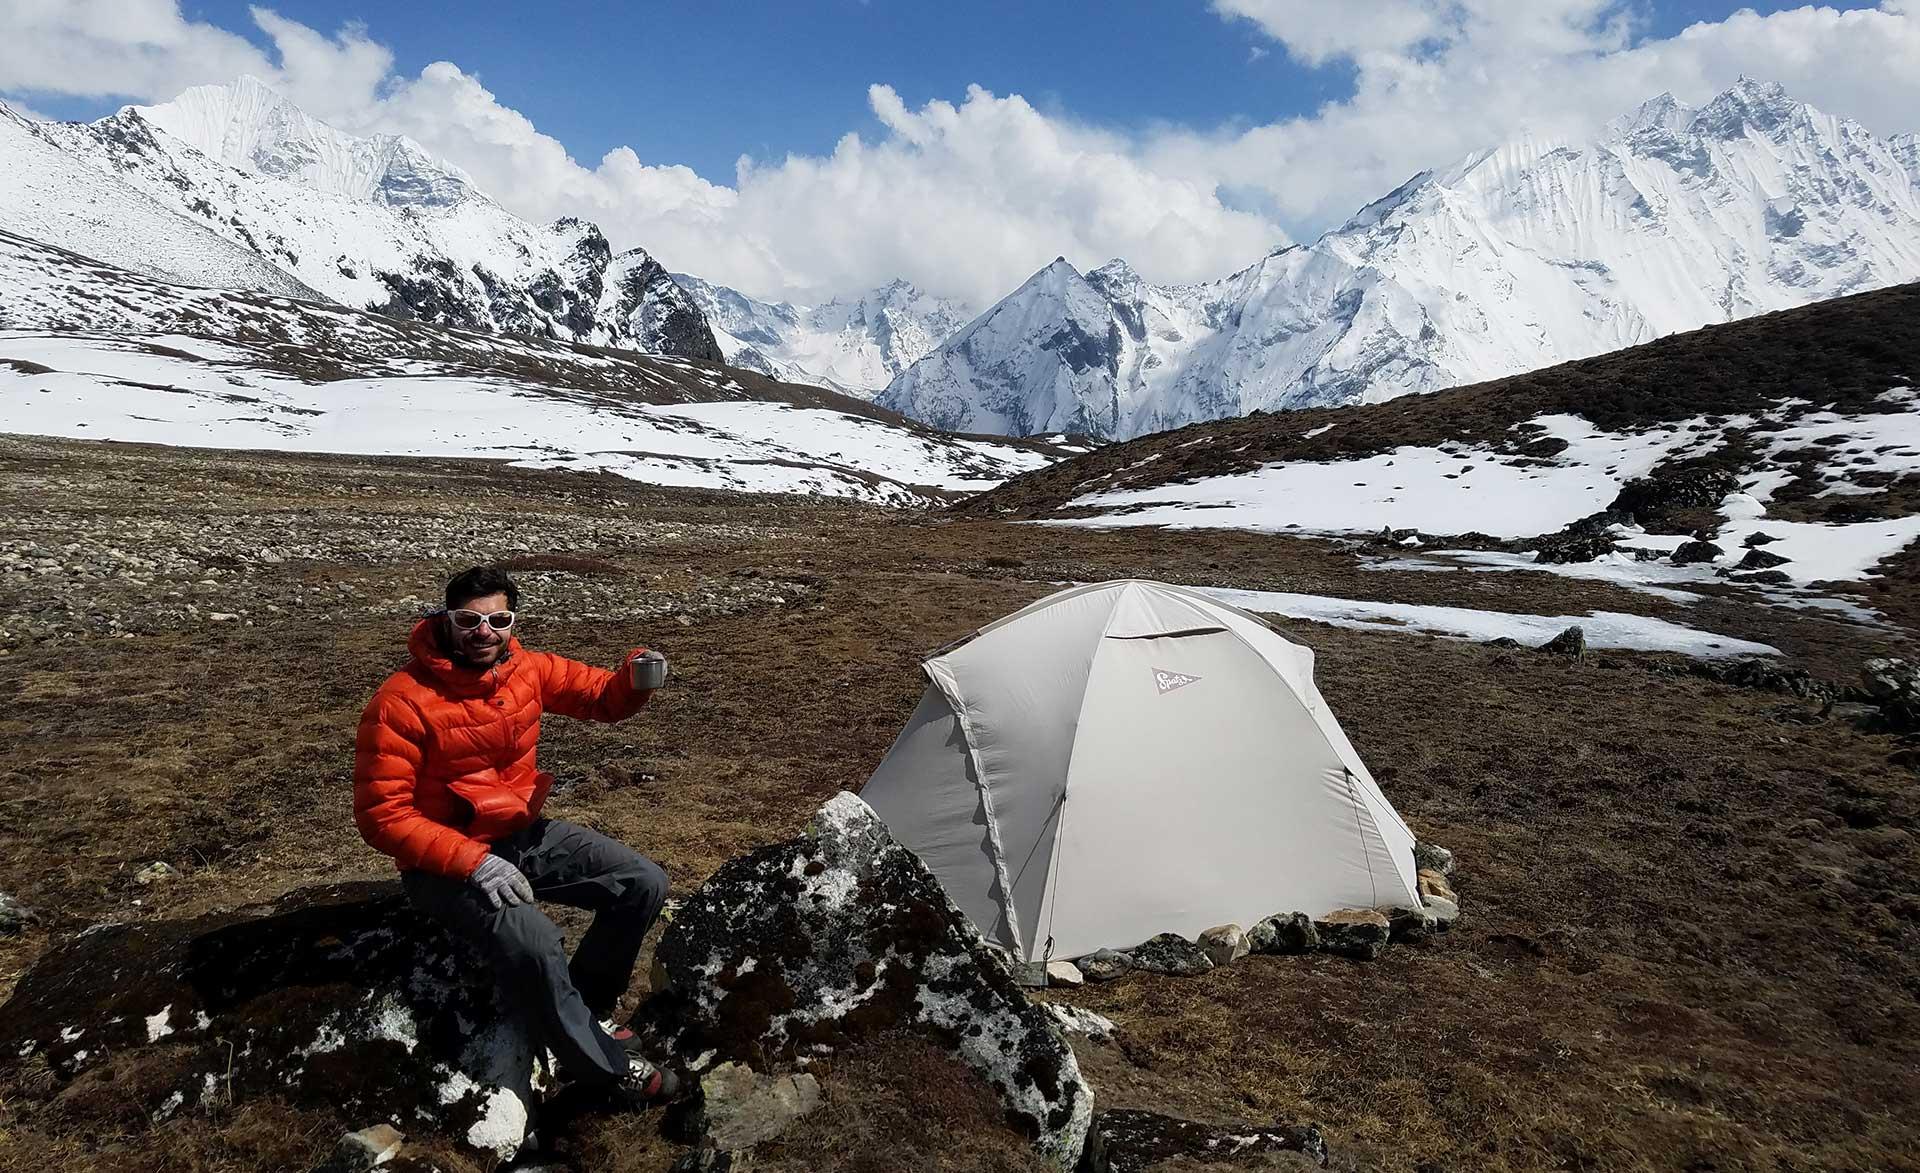 campo base del yala peak